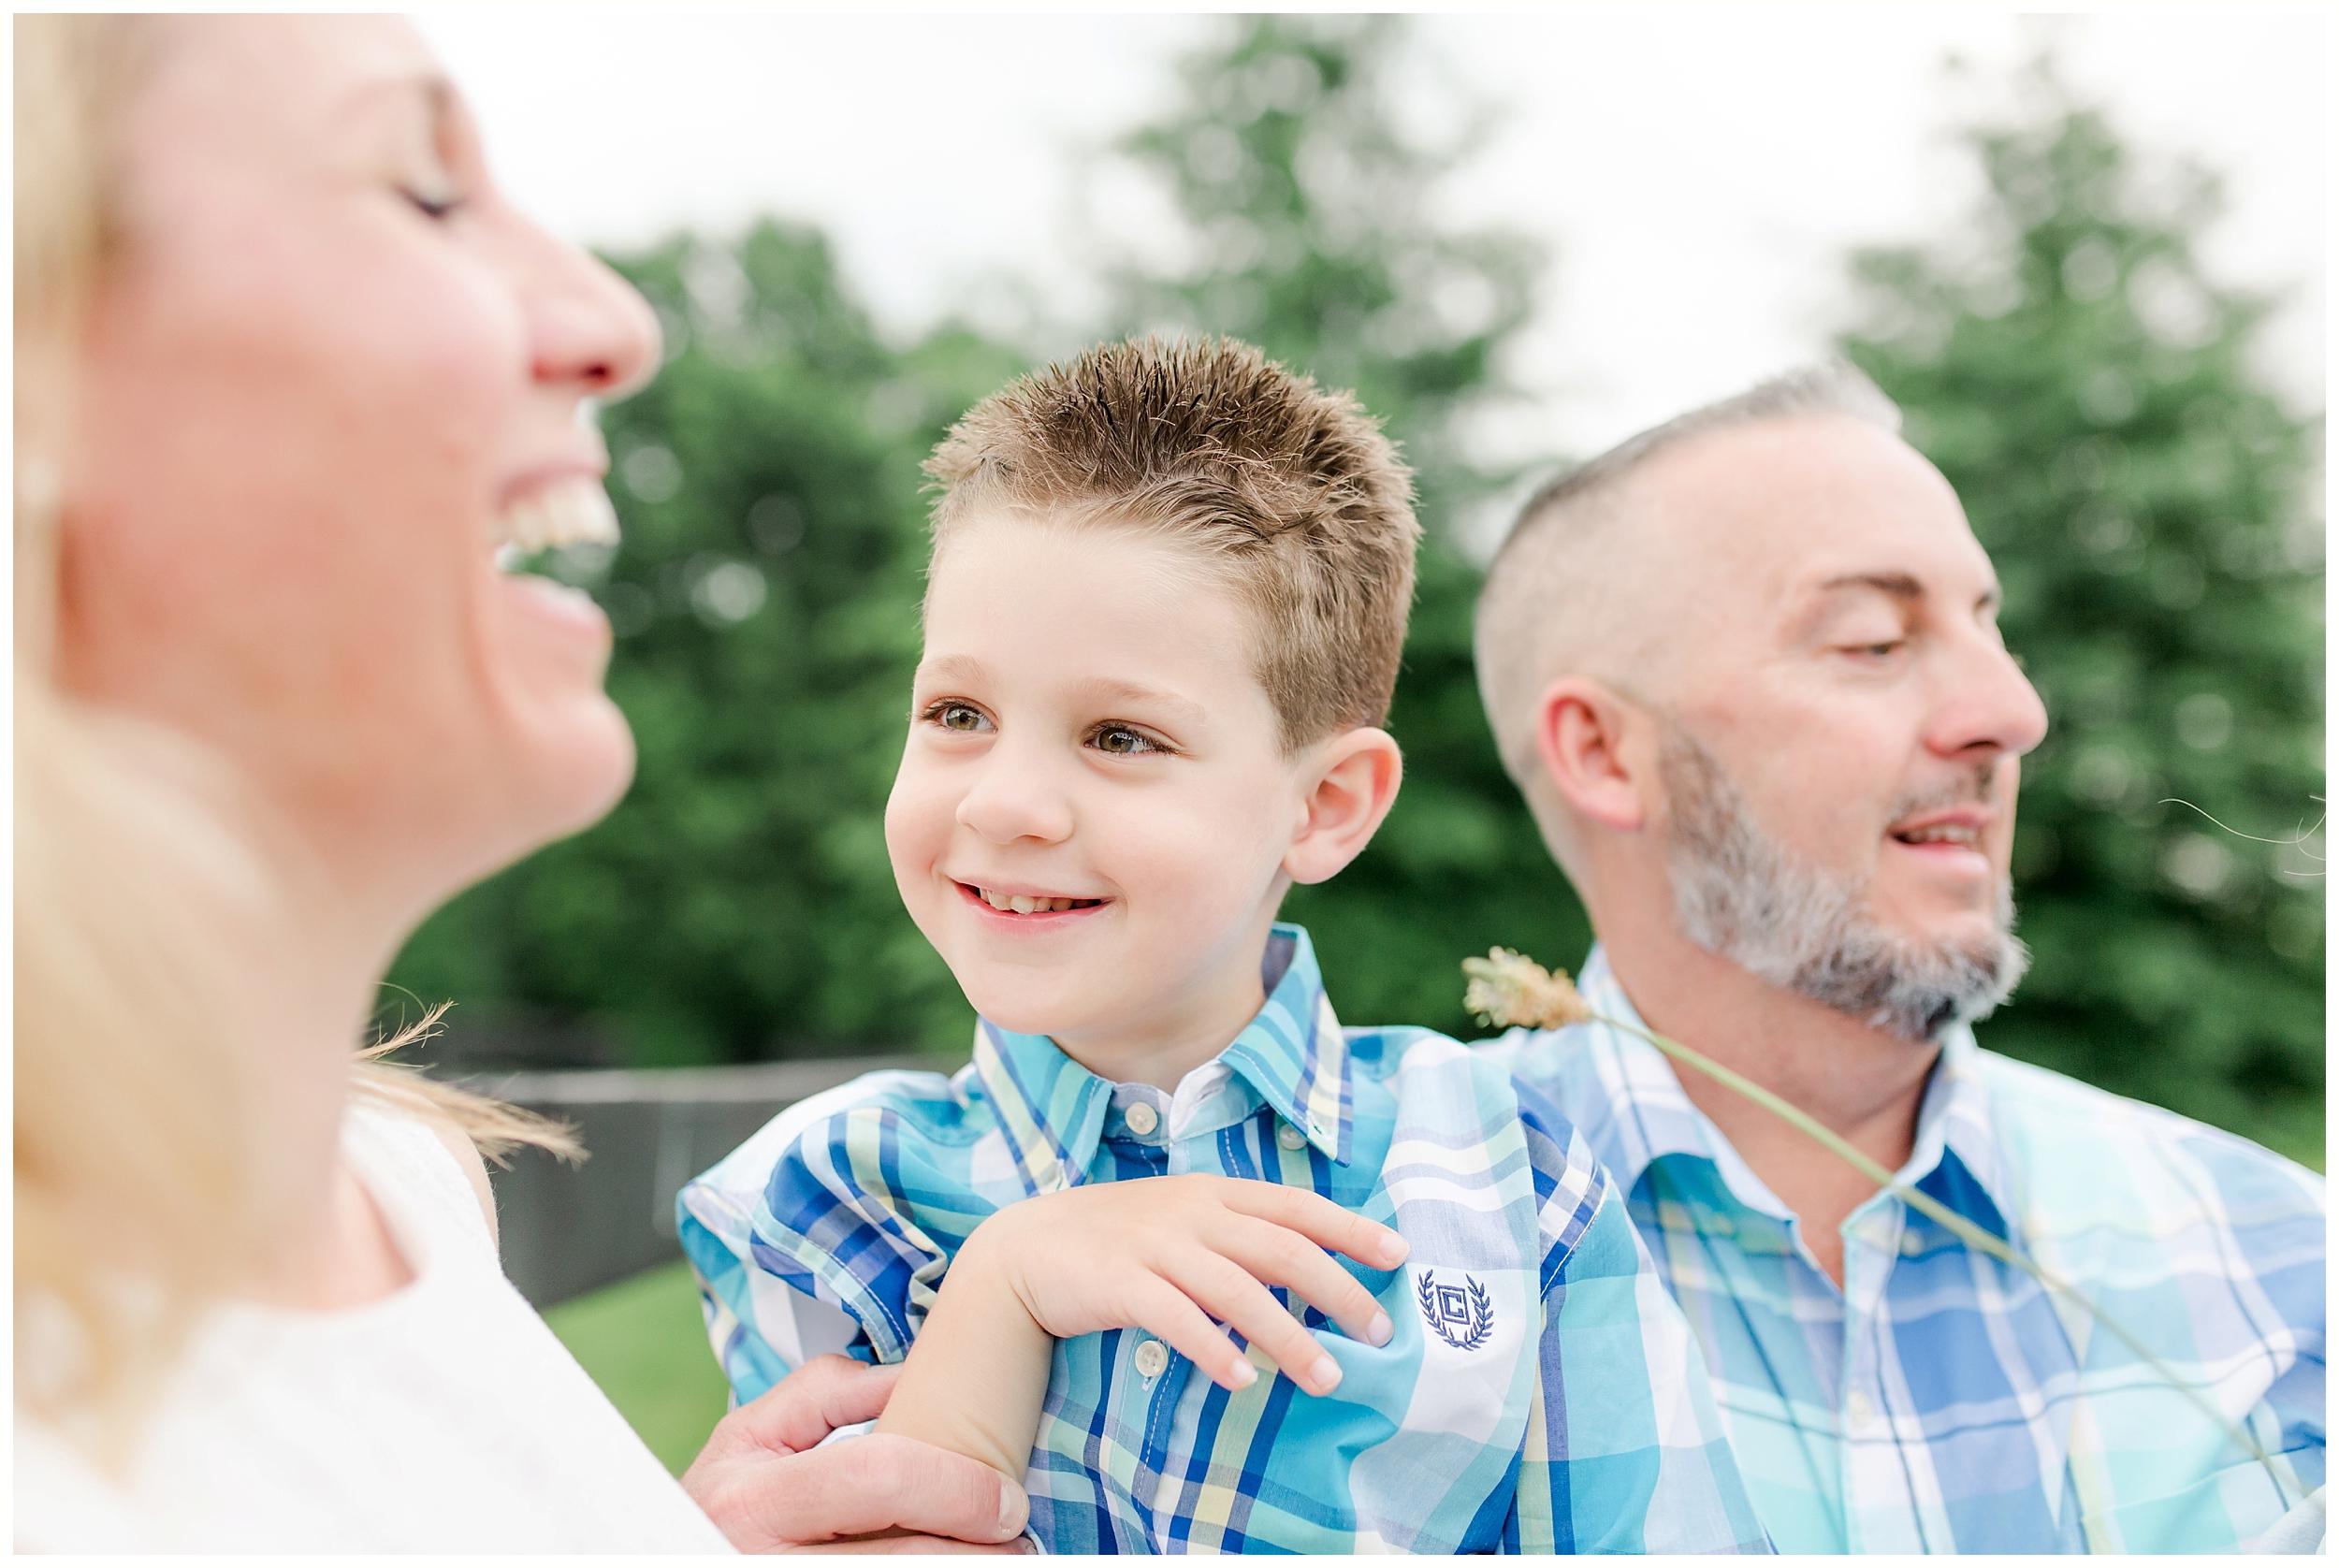 lexington-ky-family-lifestyle-photos-by-priscilla-baierlein_1166.jpg